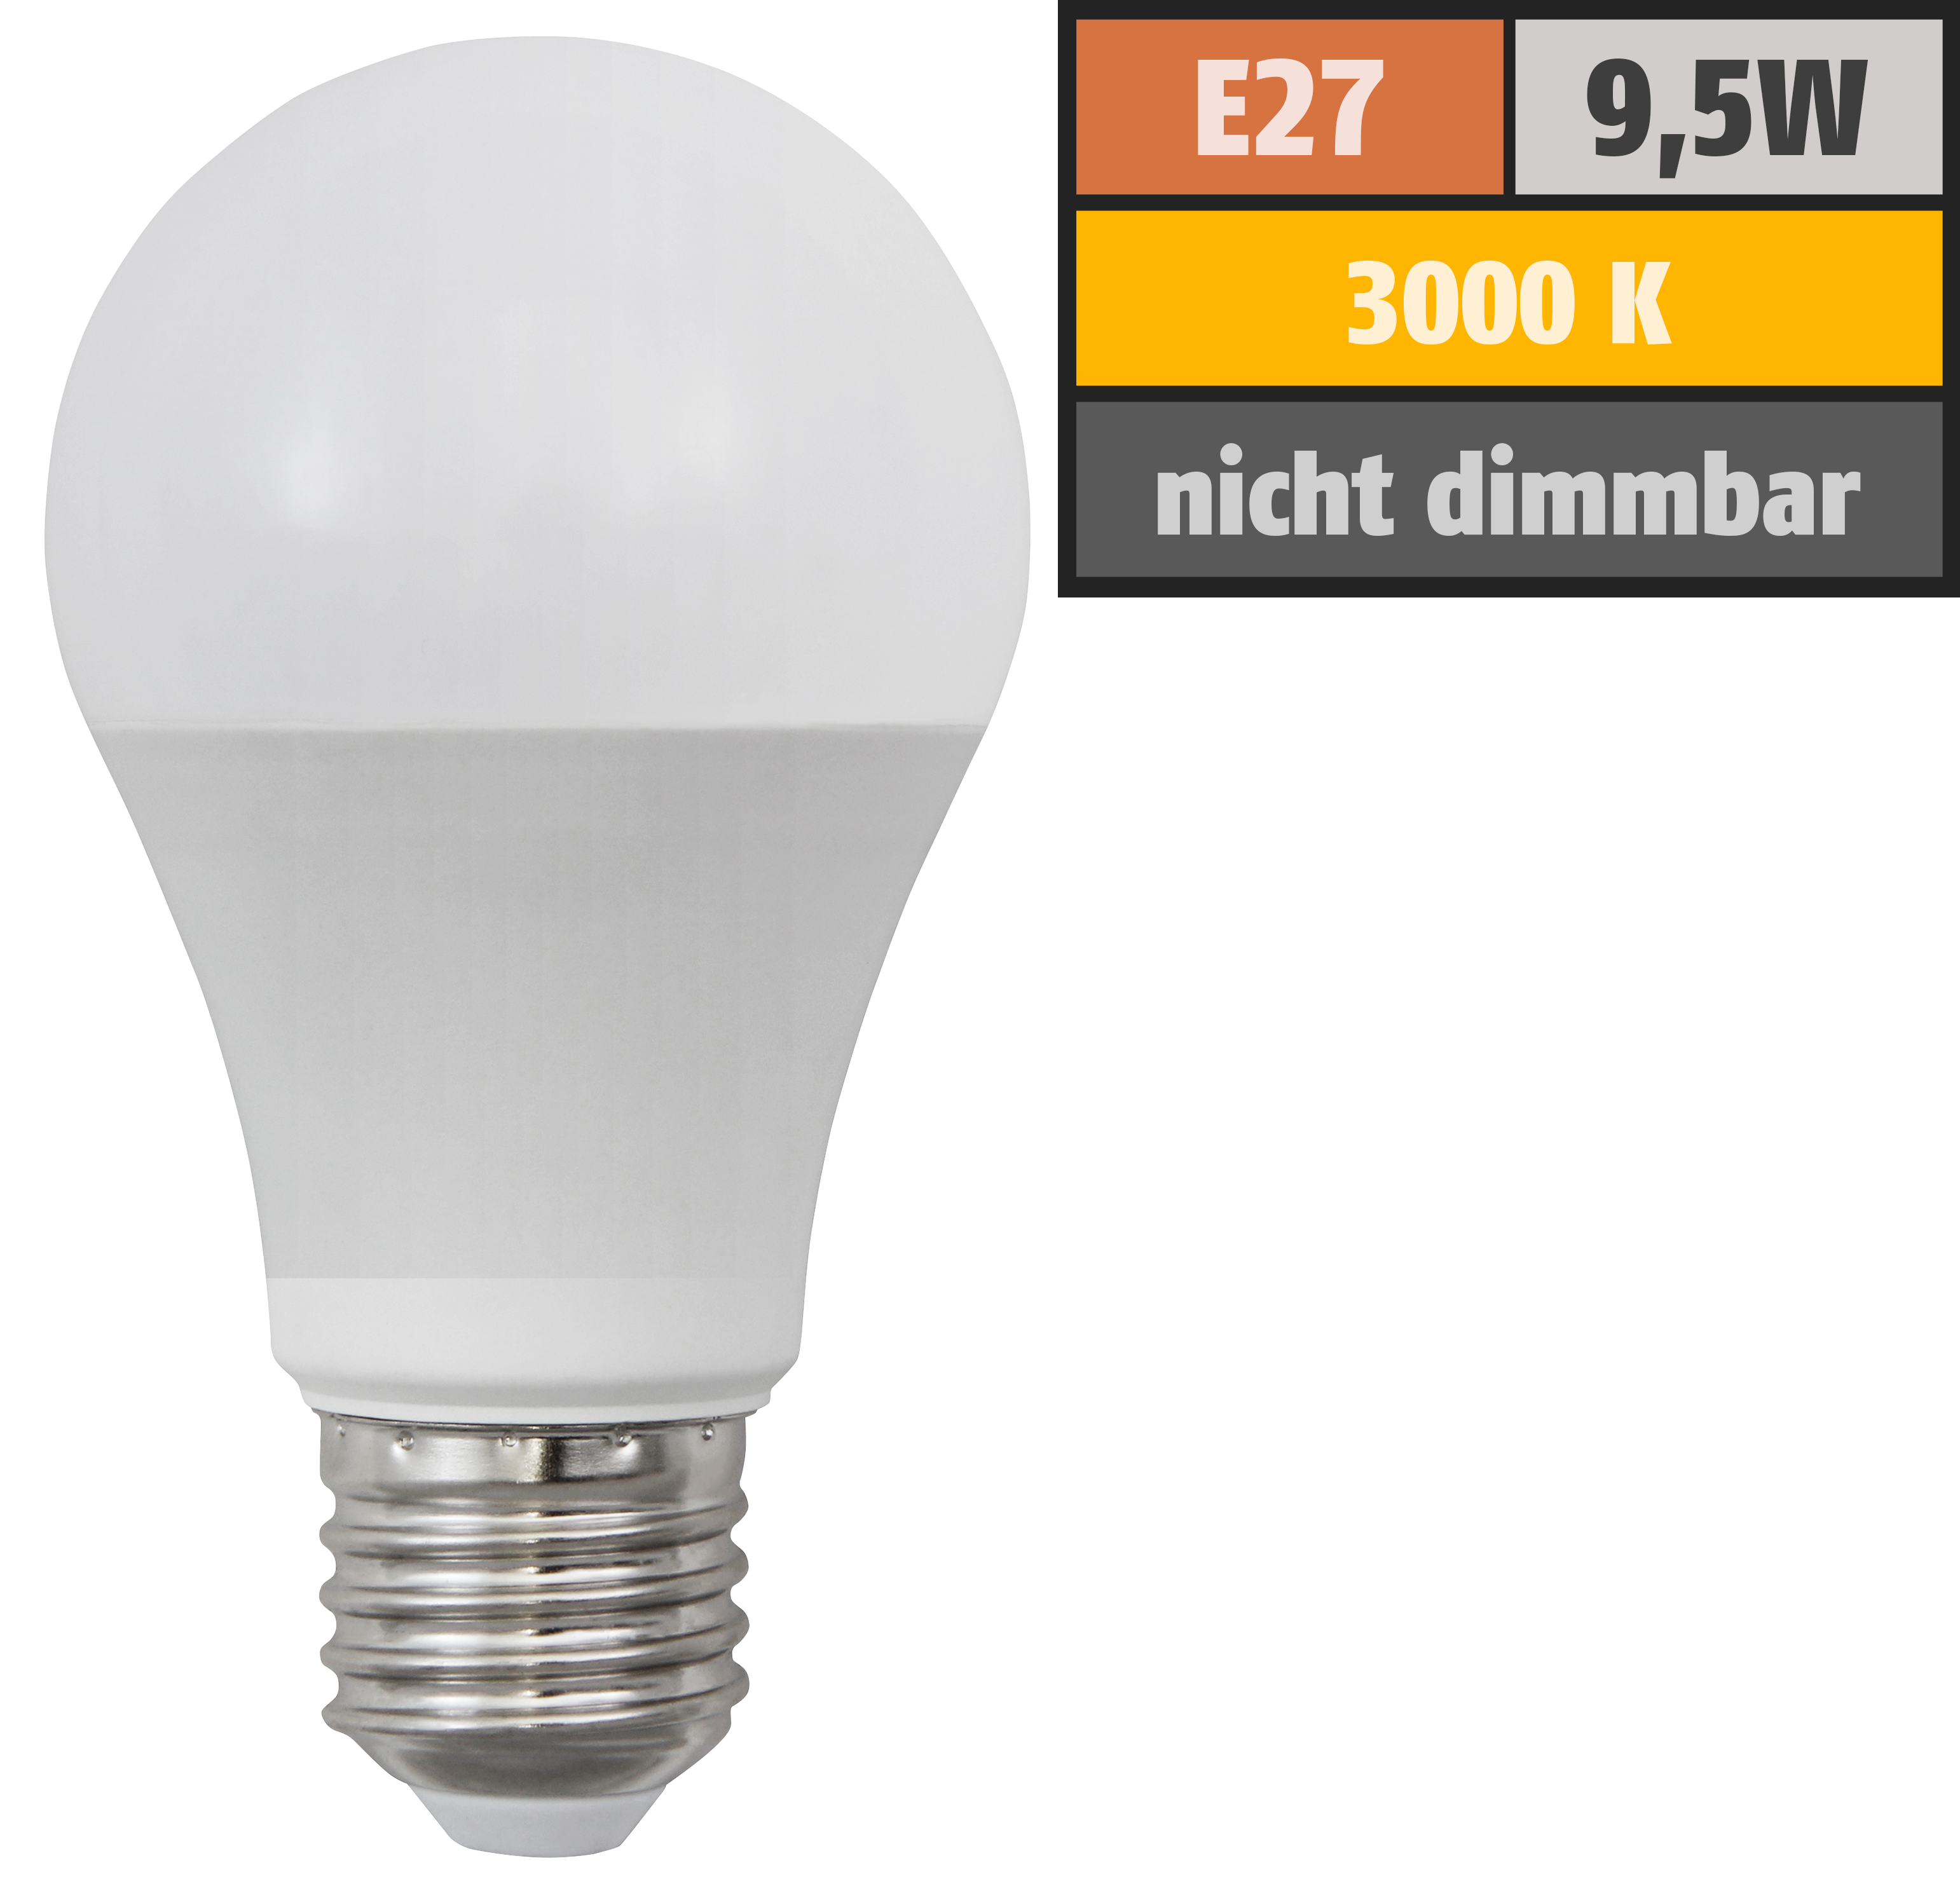 LED Glühlampe McShine ''SuperBright'' E27, 9,5W, 1520lm, 270°, 3000K, warmweiß